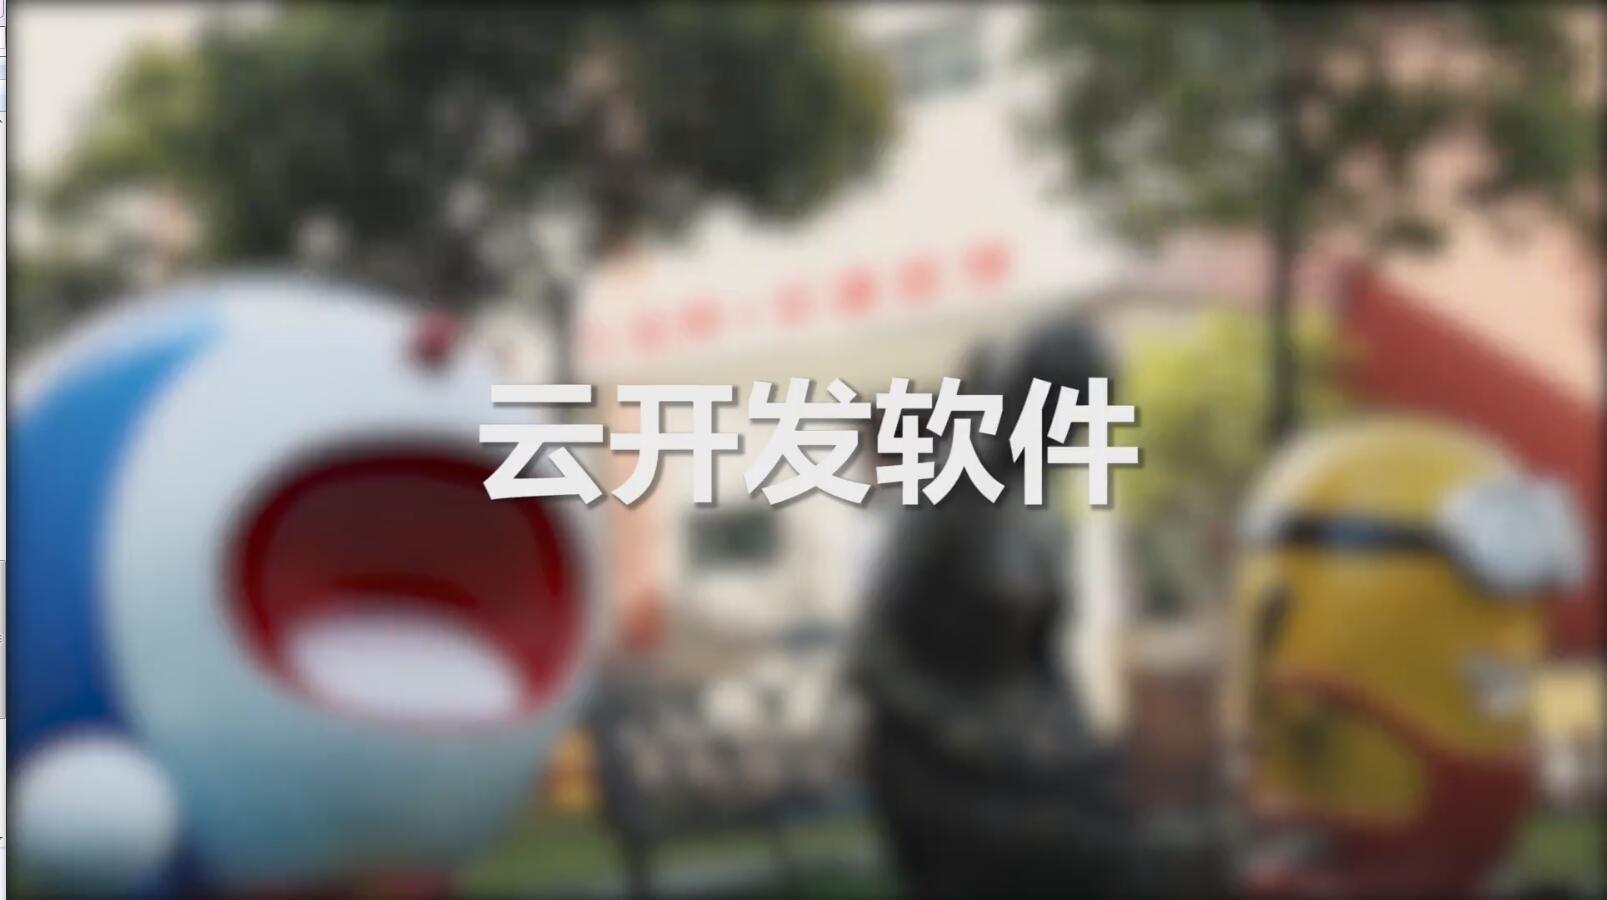 云开发软件专业简介_武汉新华电脑学校